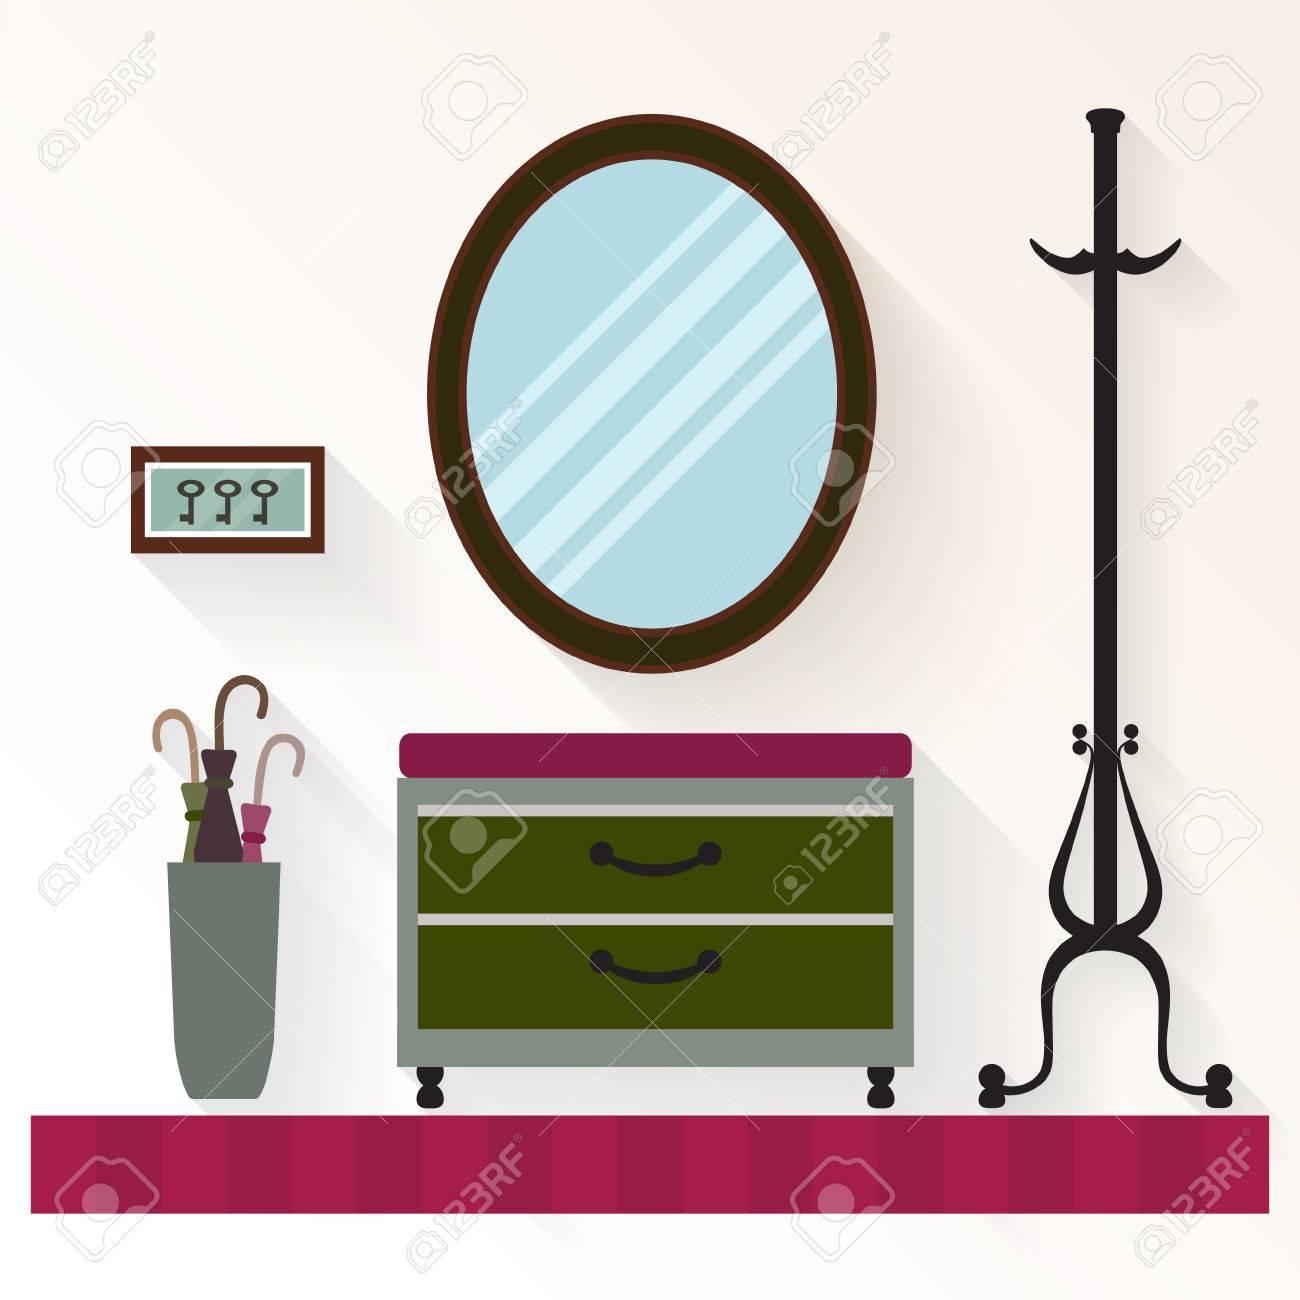 Innen Flur Mit Spiegel Und Kommode Flur Hauptinnenraum Mit Mobeln